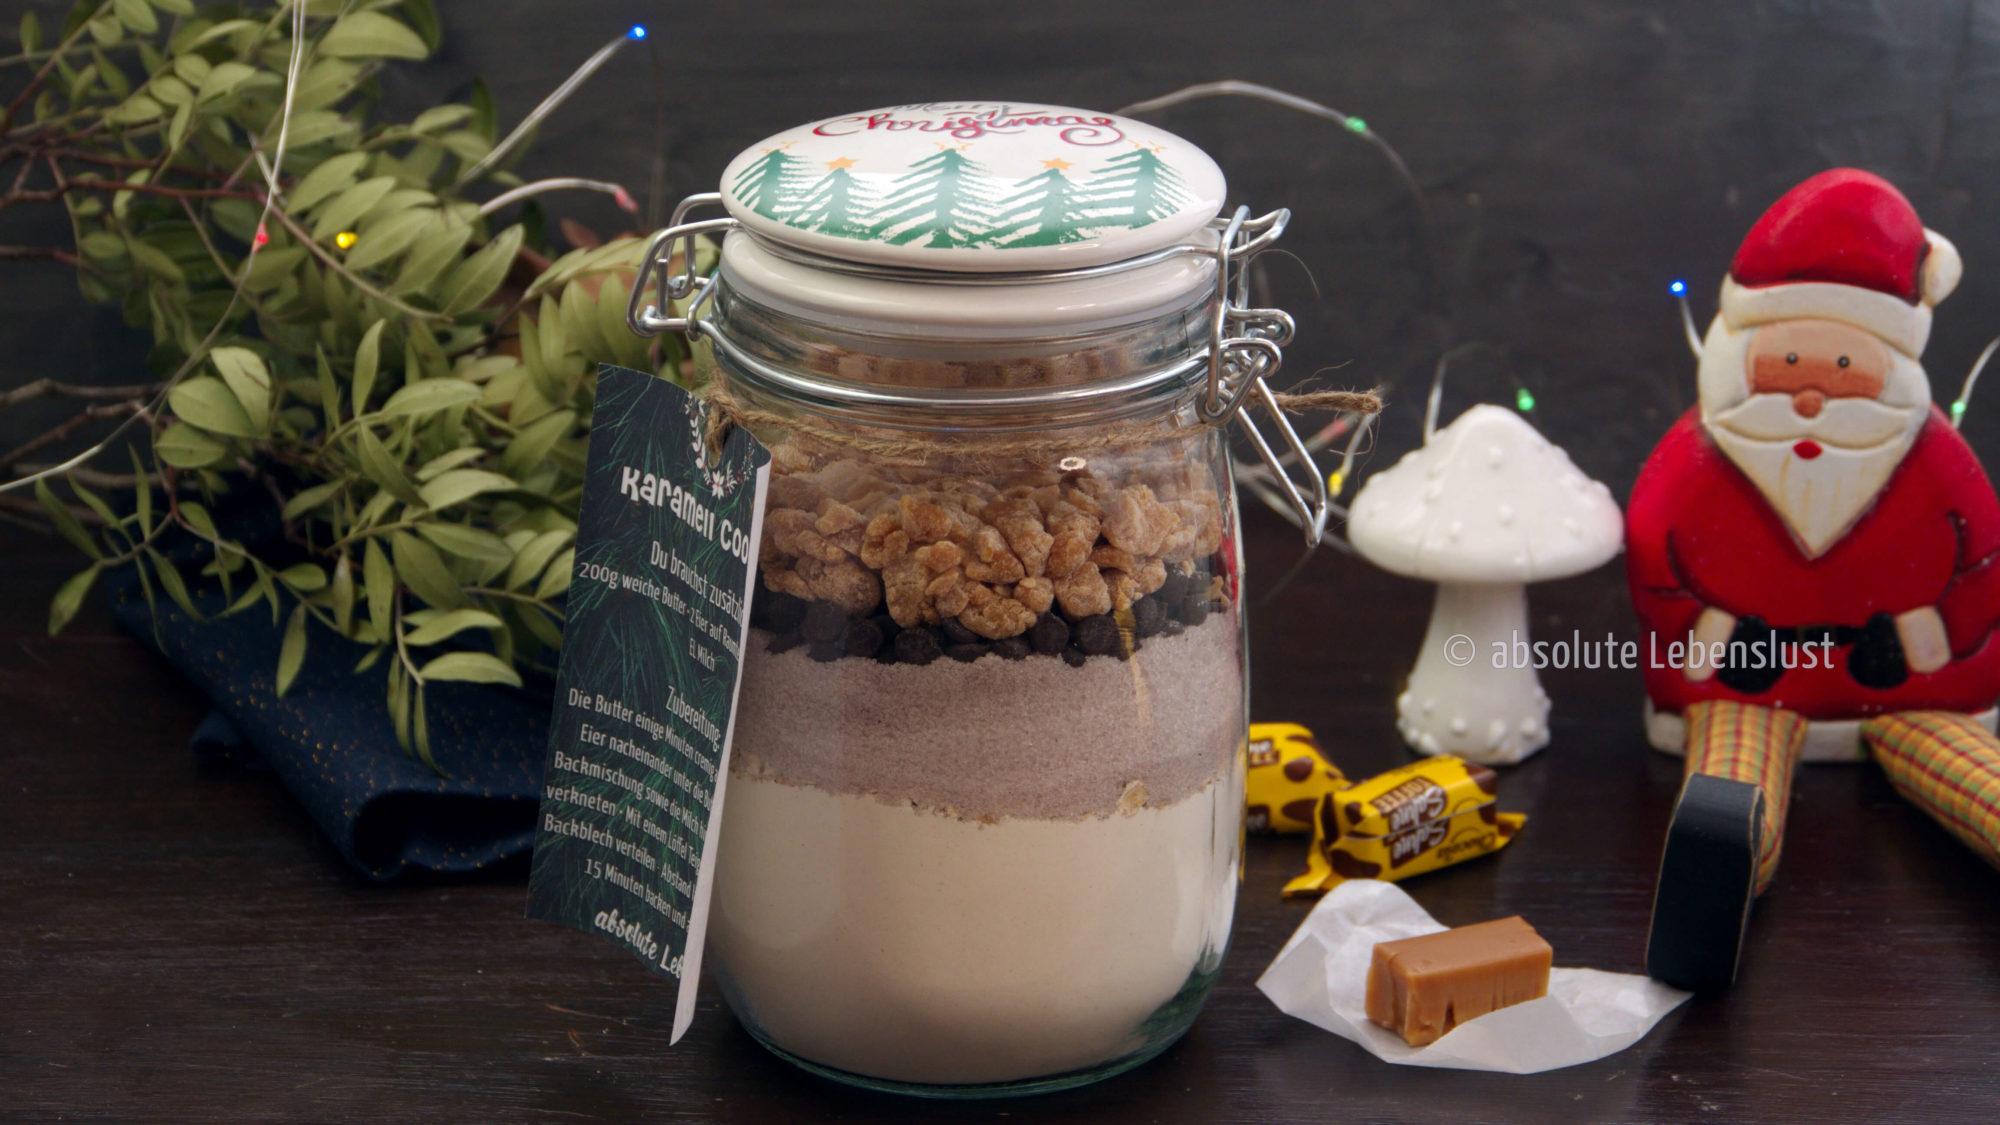 geschenkideen, selber machen, do it yourself, geschenke, backmischung, cookie mischung, cookie, backmischung, verschenken